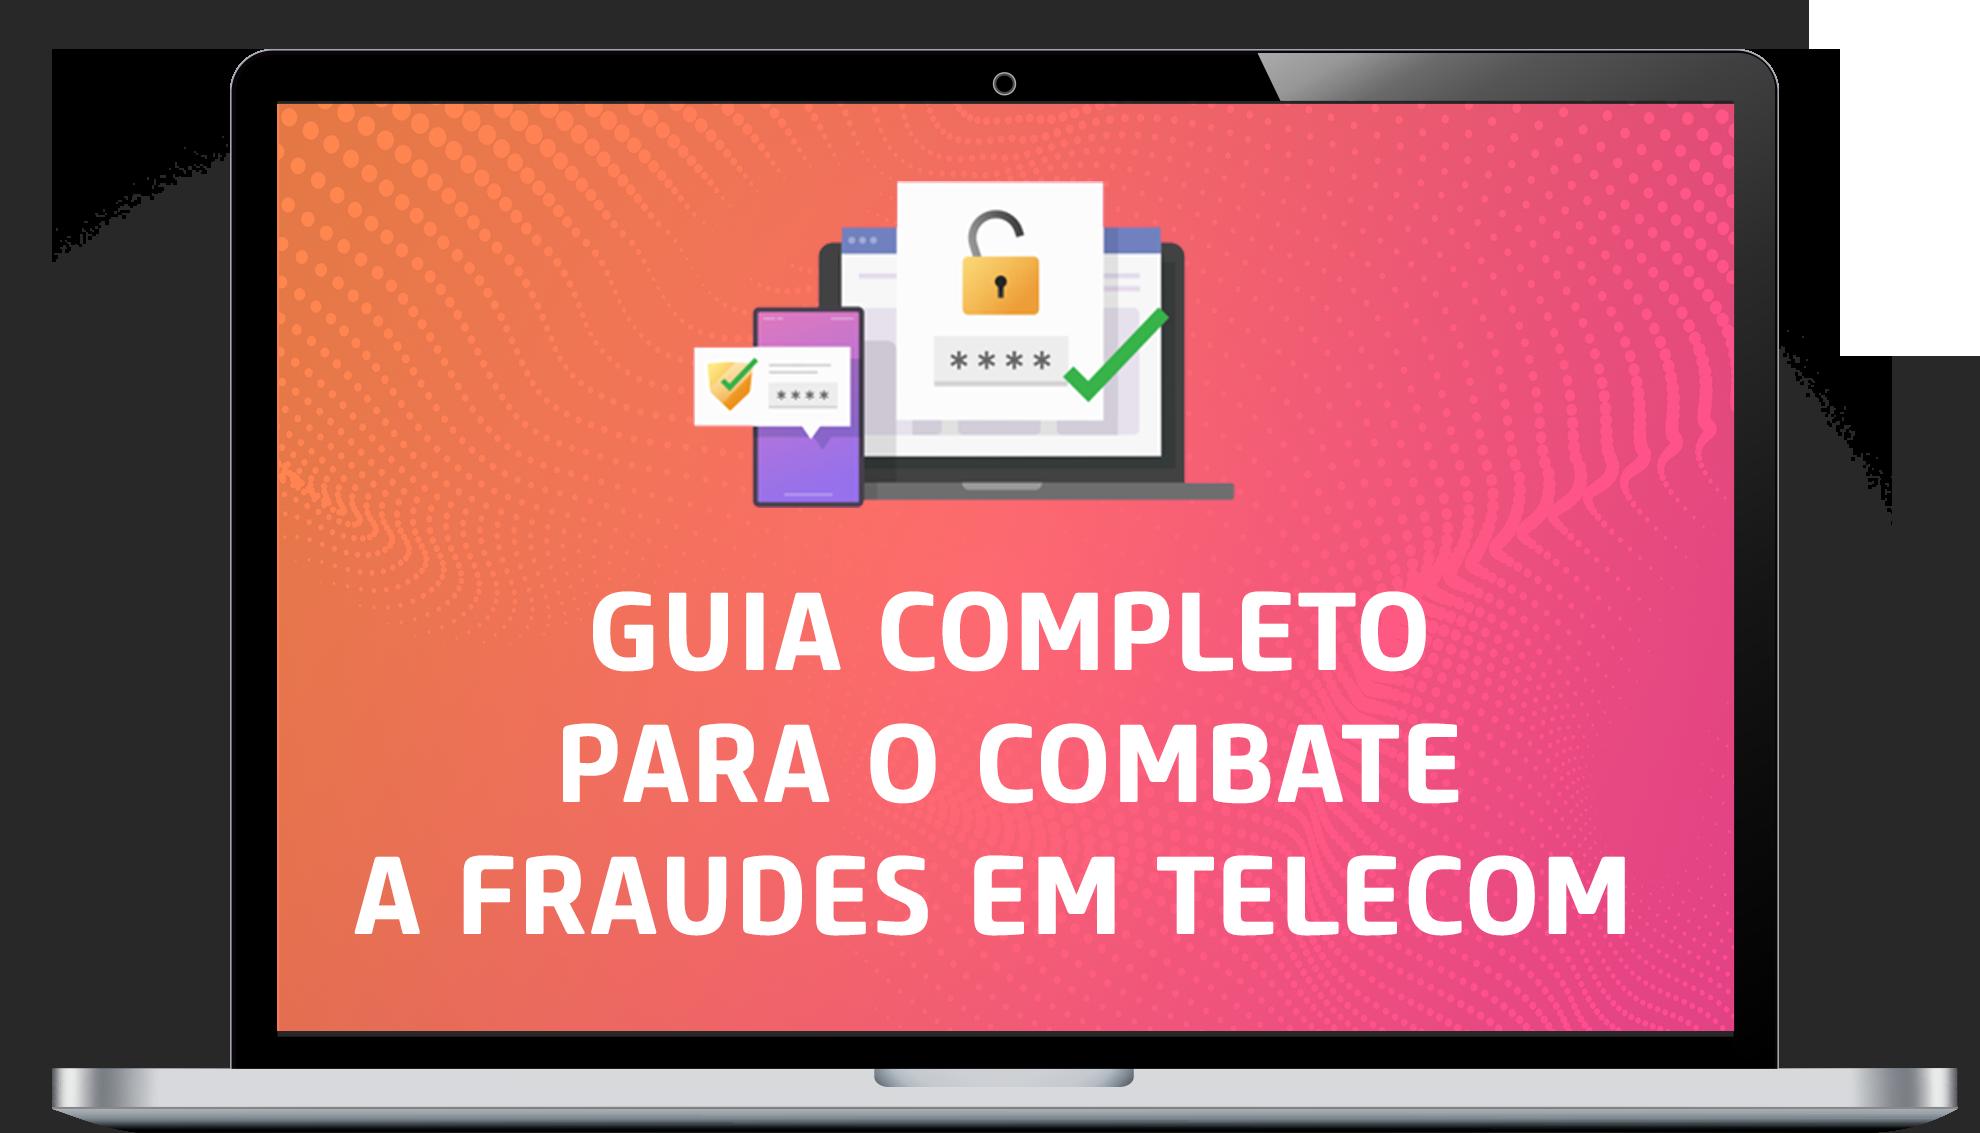 GUIA COMPLETO PARA O COMBATE A FRAUDES TELECOM